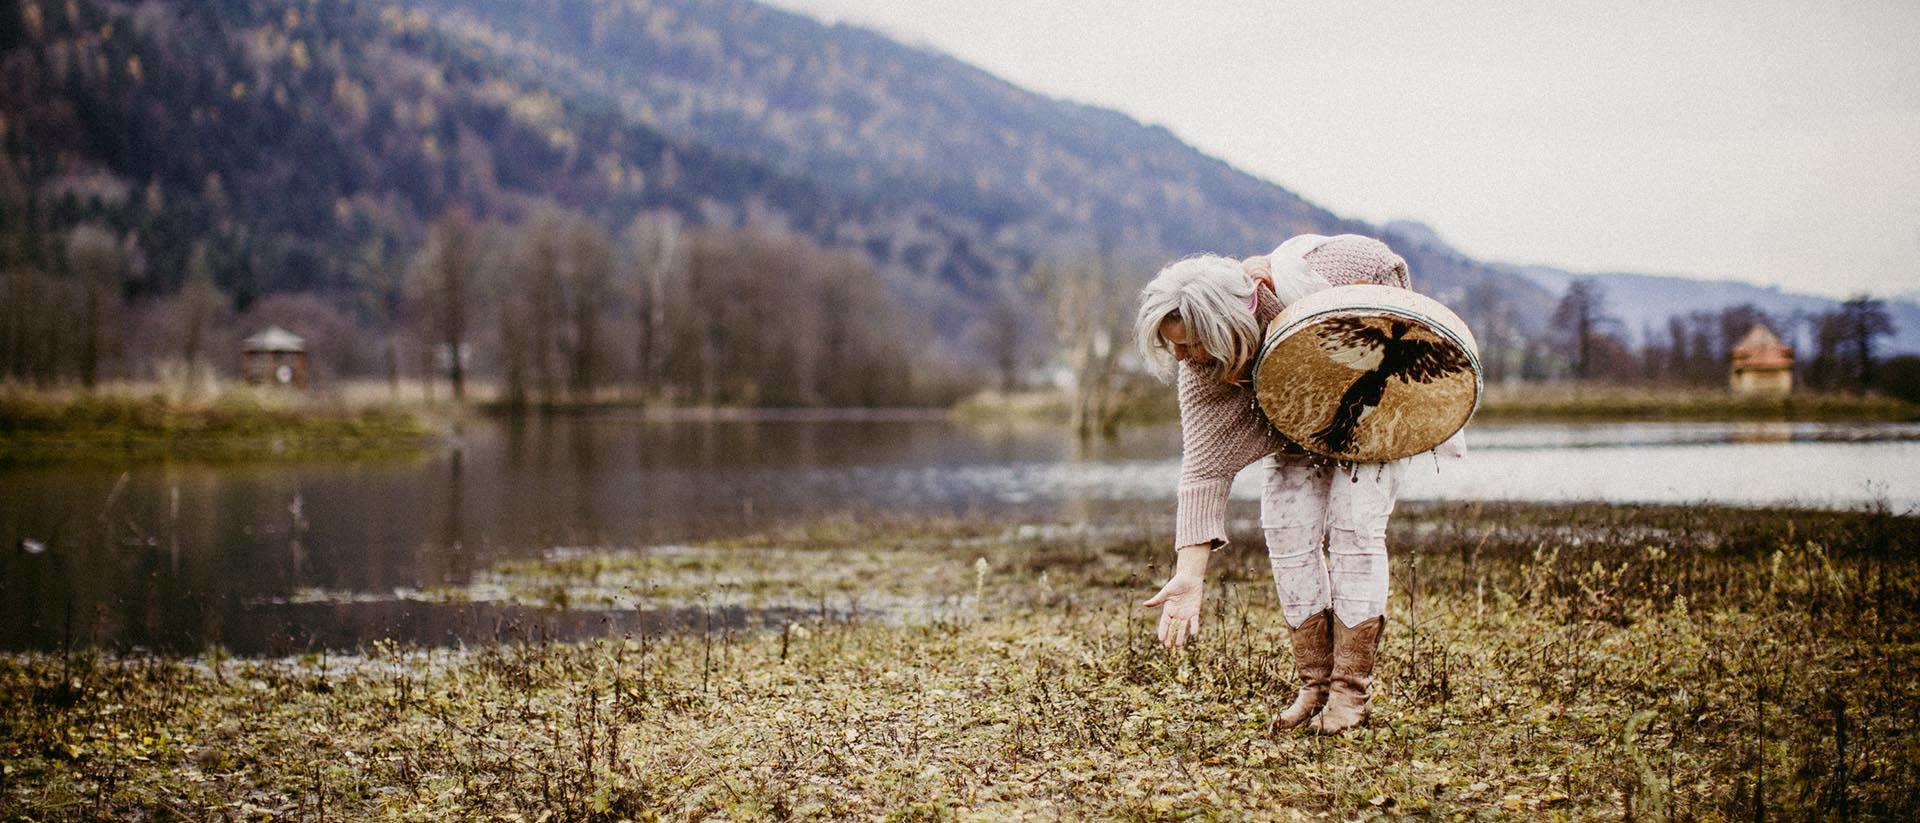 Vayana - einfach sein - Josefine Pfeifhofer die Naturliebhaberin pflückt Blumen am Ufer eines Sees in Kärnten